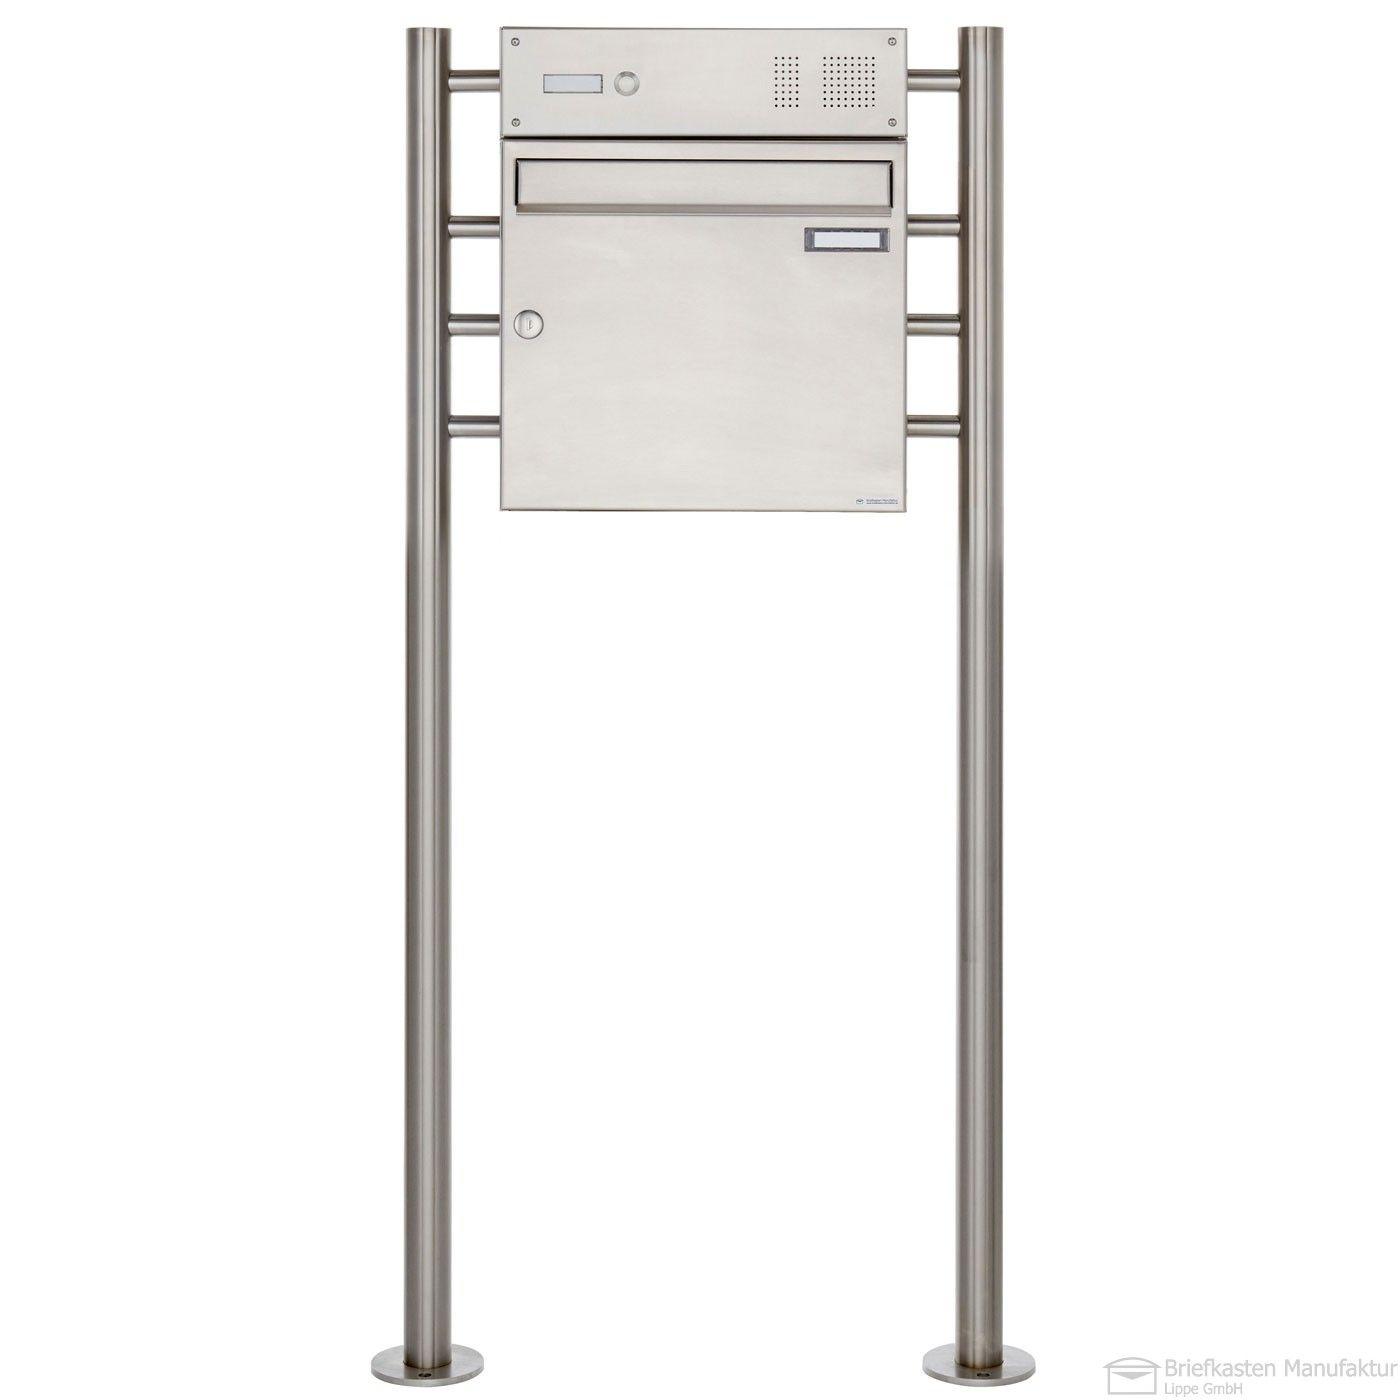 edelstahl design standbriefkasten basic 381 va mit klingel gegensprechstelle wahlweise mit. Black Bedroom Furniture Sets. Home Design Ideas